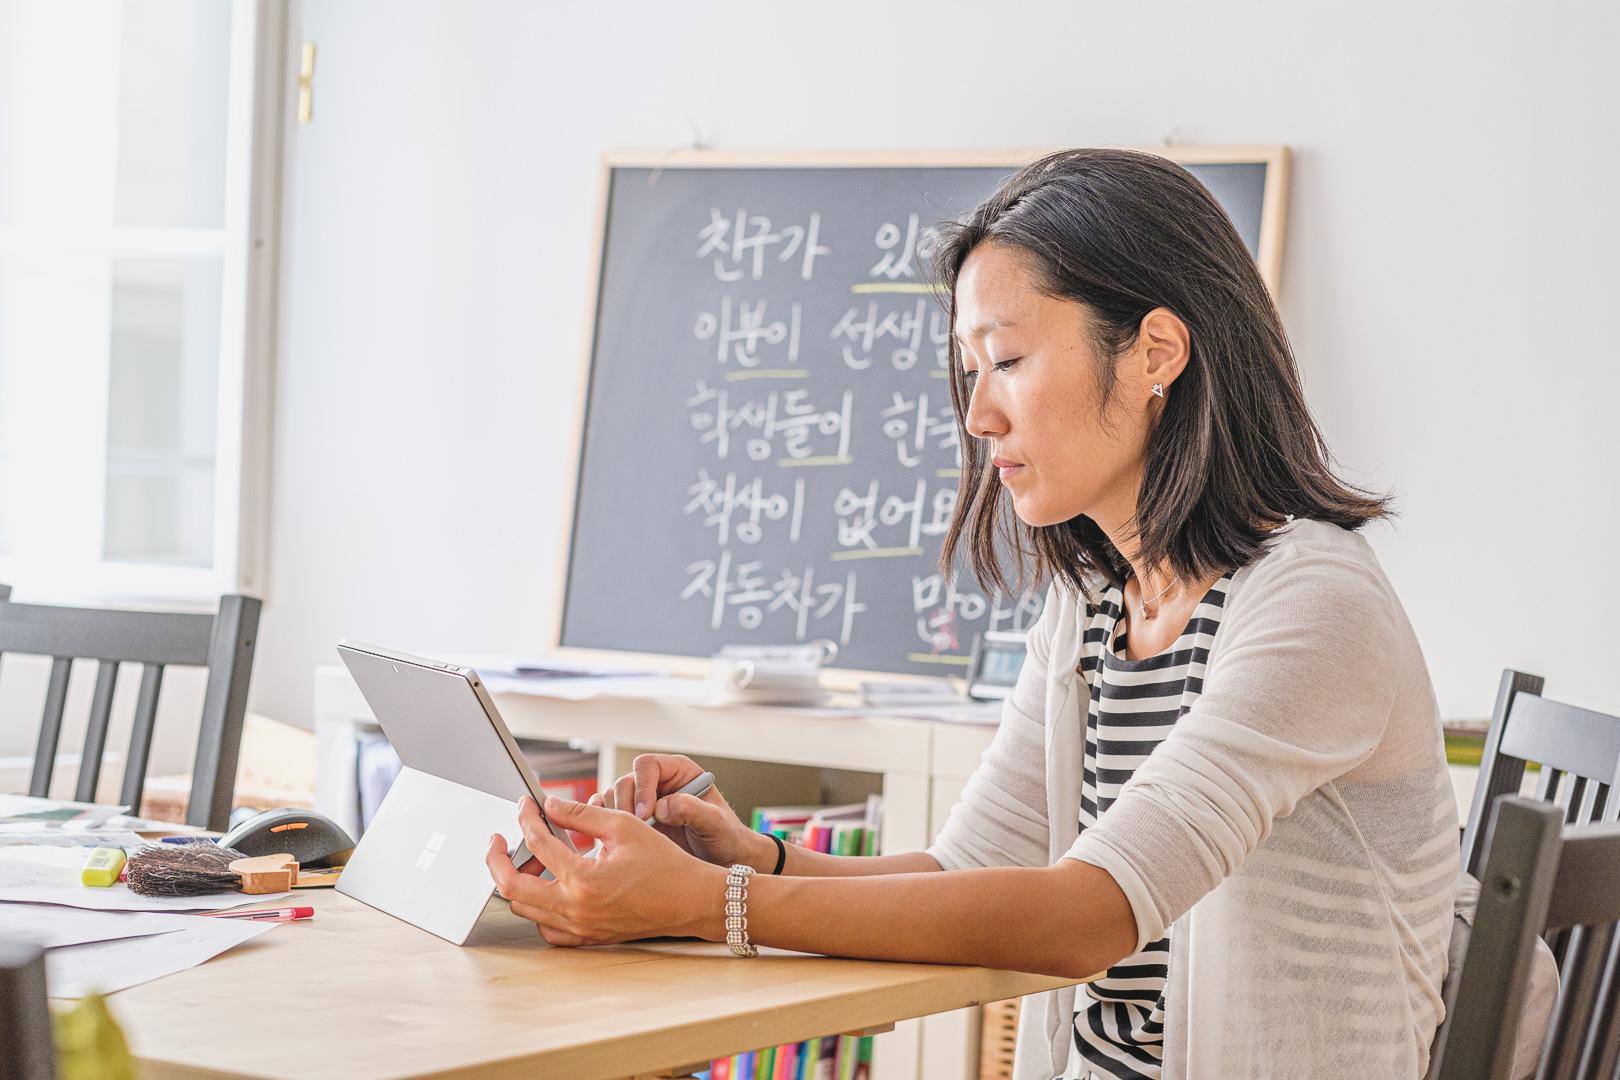 Hyunok Jang unterrichtet den Online Koreanischkurs